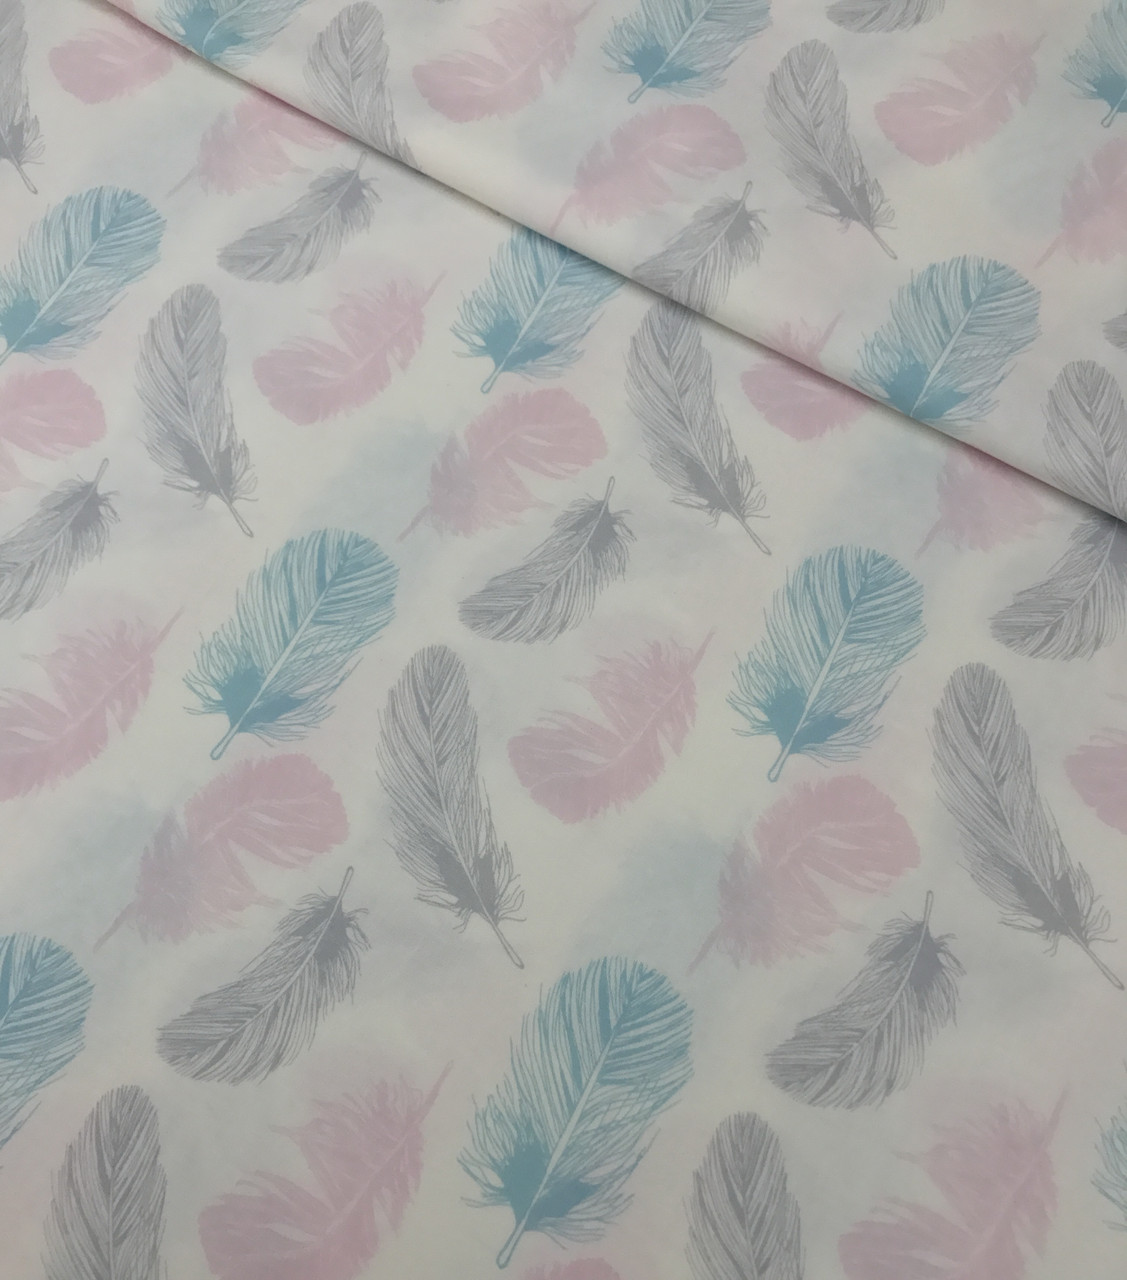 Хлопковая ткань польская перья розово-серо-бирюзовые №528